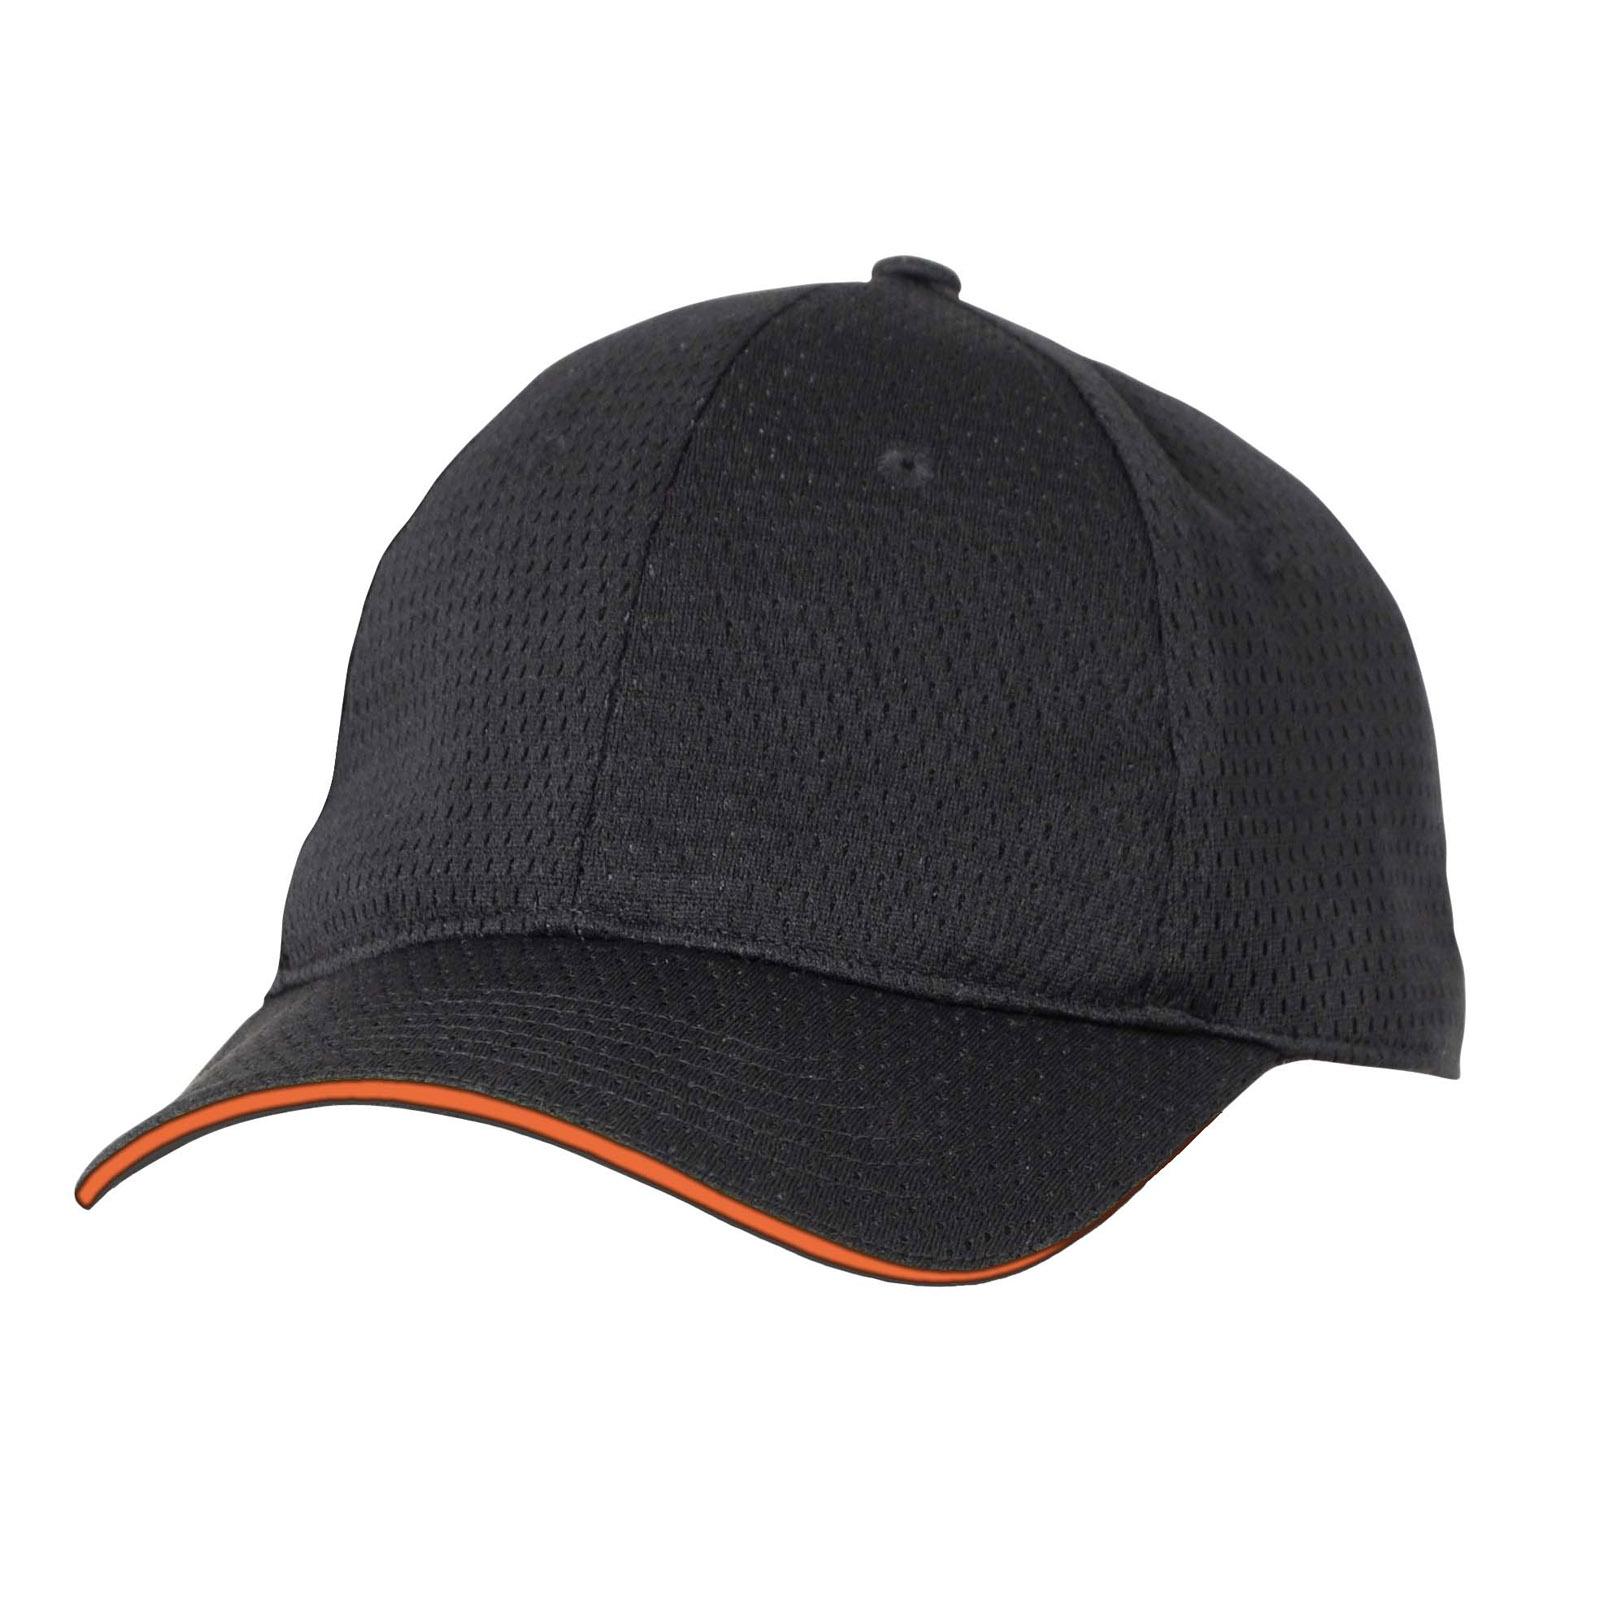 Chef Works BCCTORA0 chef's hat